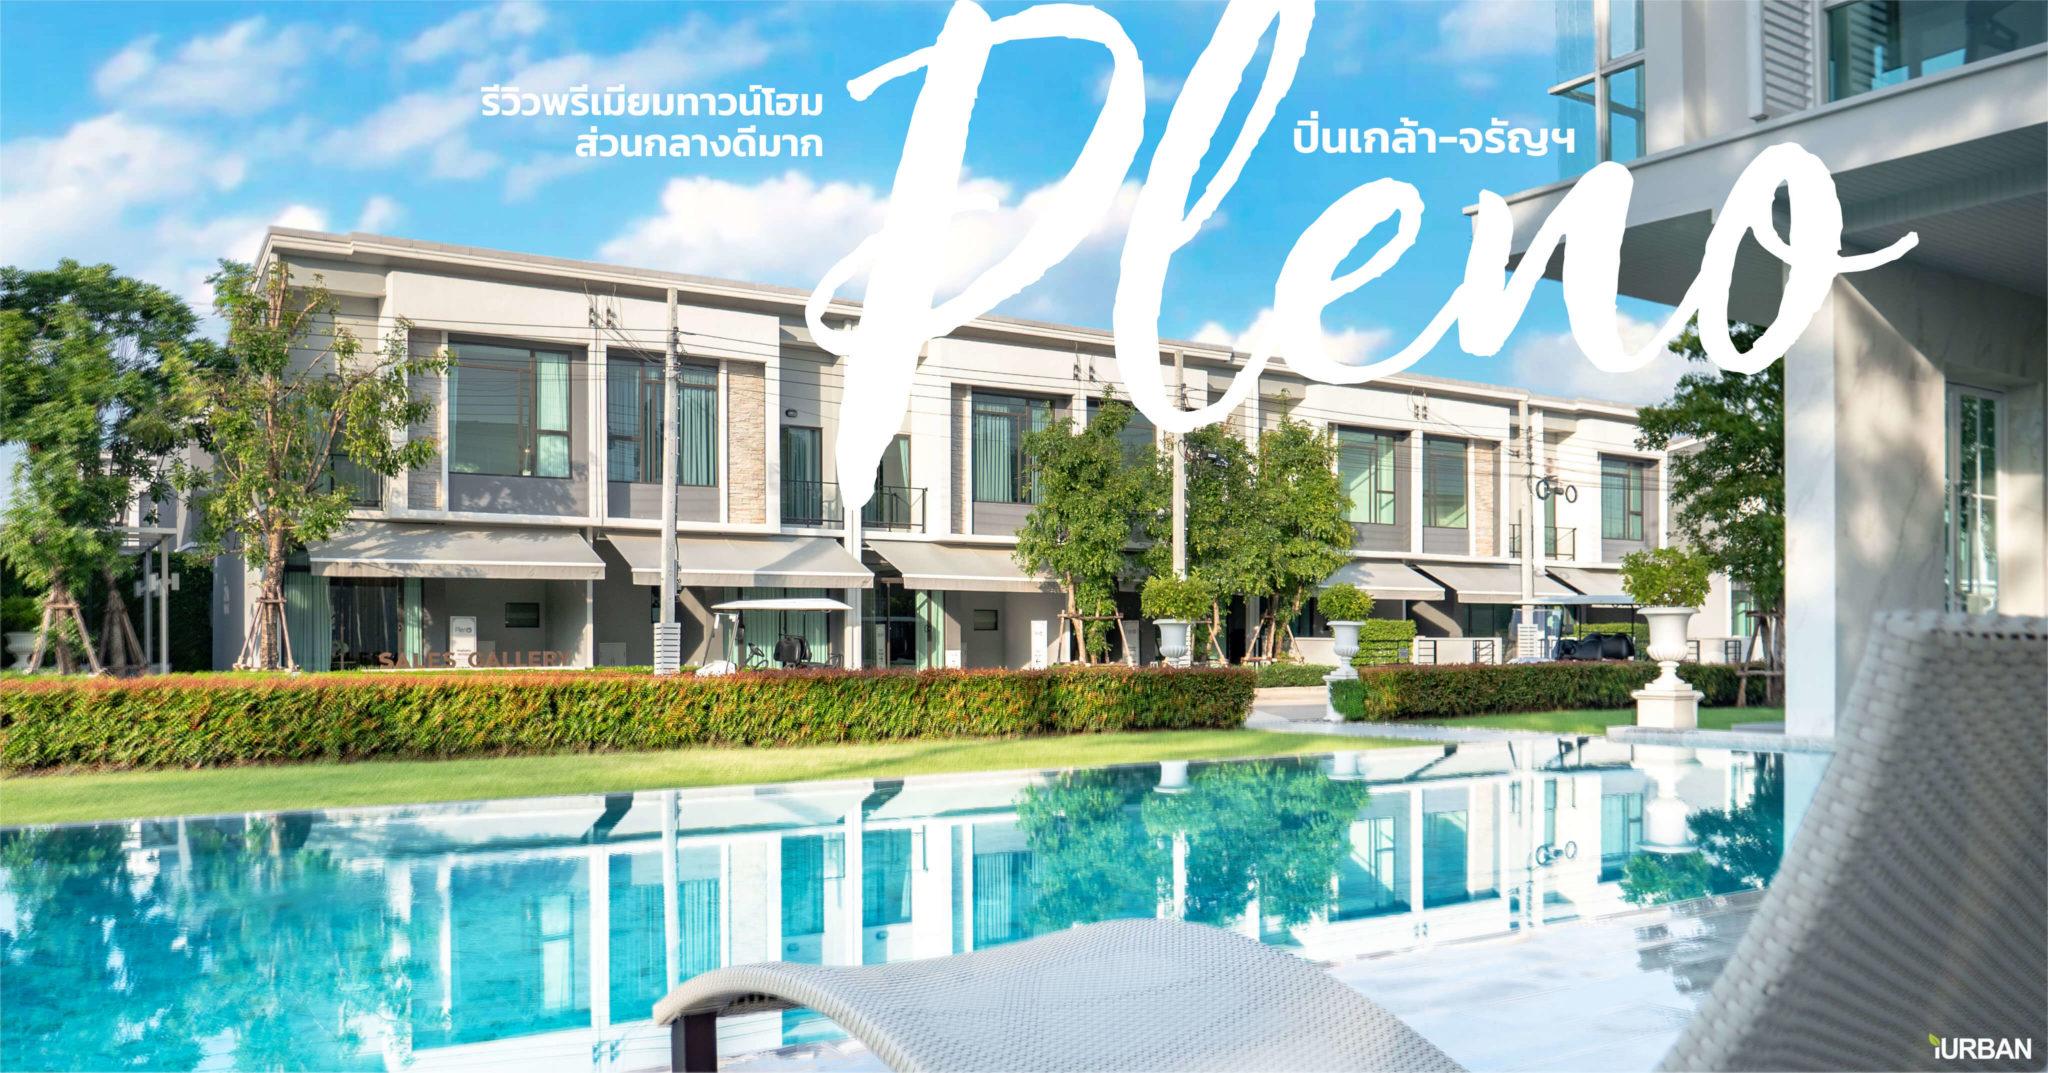 รีวิวทาวน์โฮม Pleno ปิ่นเกล้า - จรัญฯ การออกแบบที่ดีมากทั้งในบ้านและส่วนกลางที่ให้เกินราคา 12 - AP (Thailand) - เอพี (ไทยแลนด์)